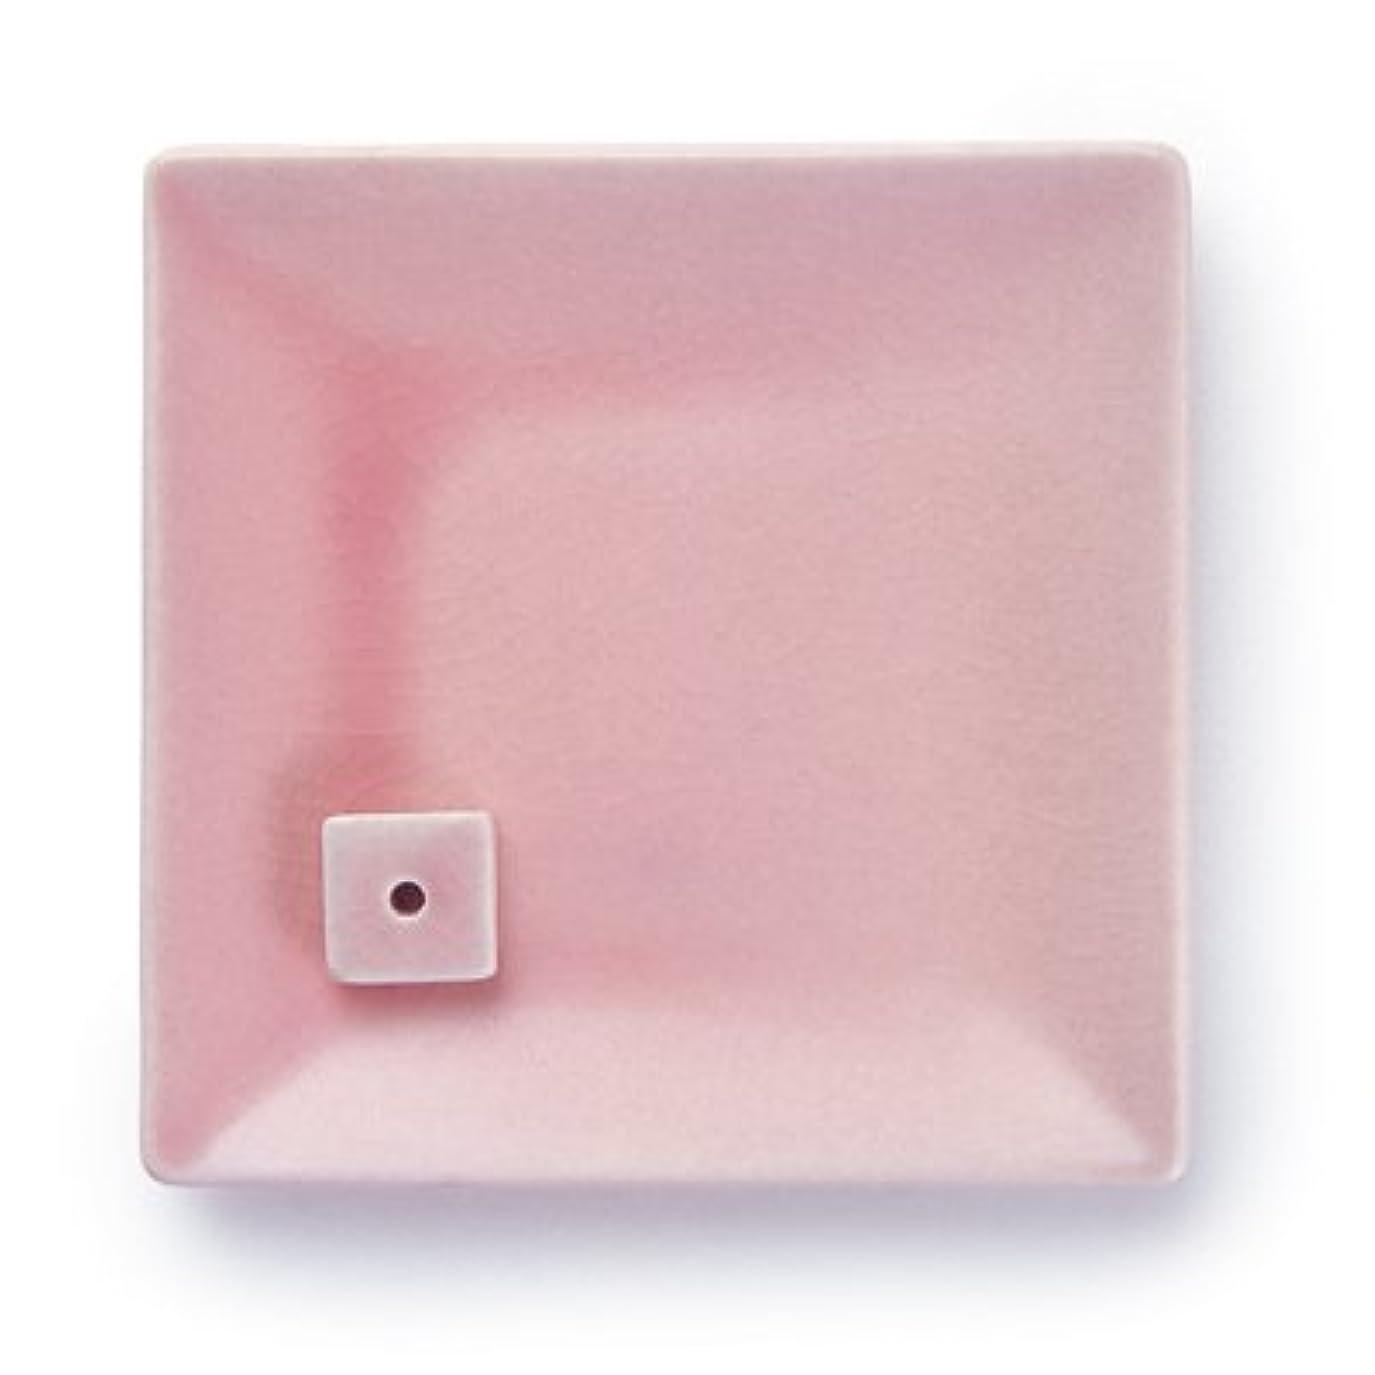 遵守する昆虫大理石NATURE&ART 陶器香皿pink